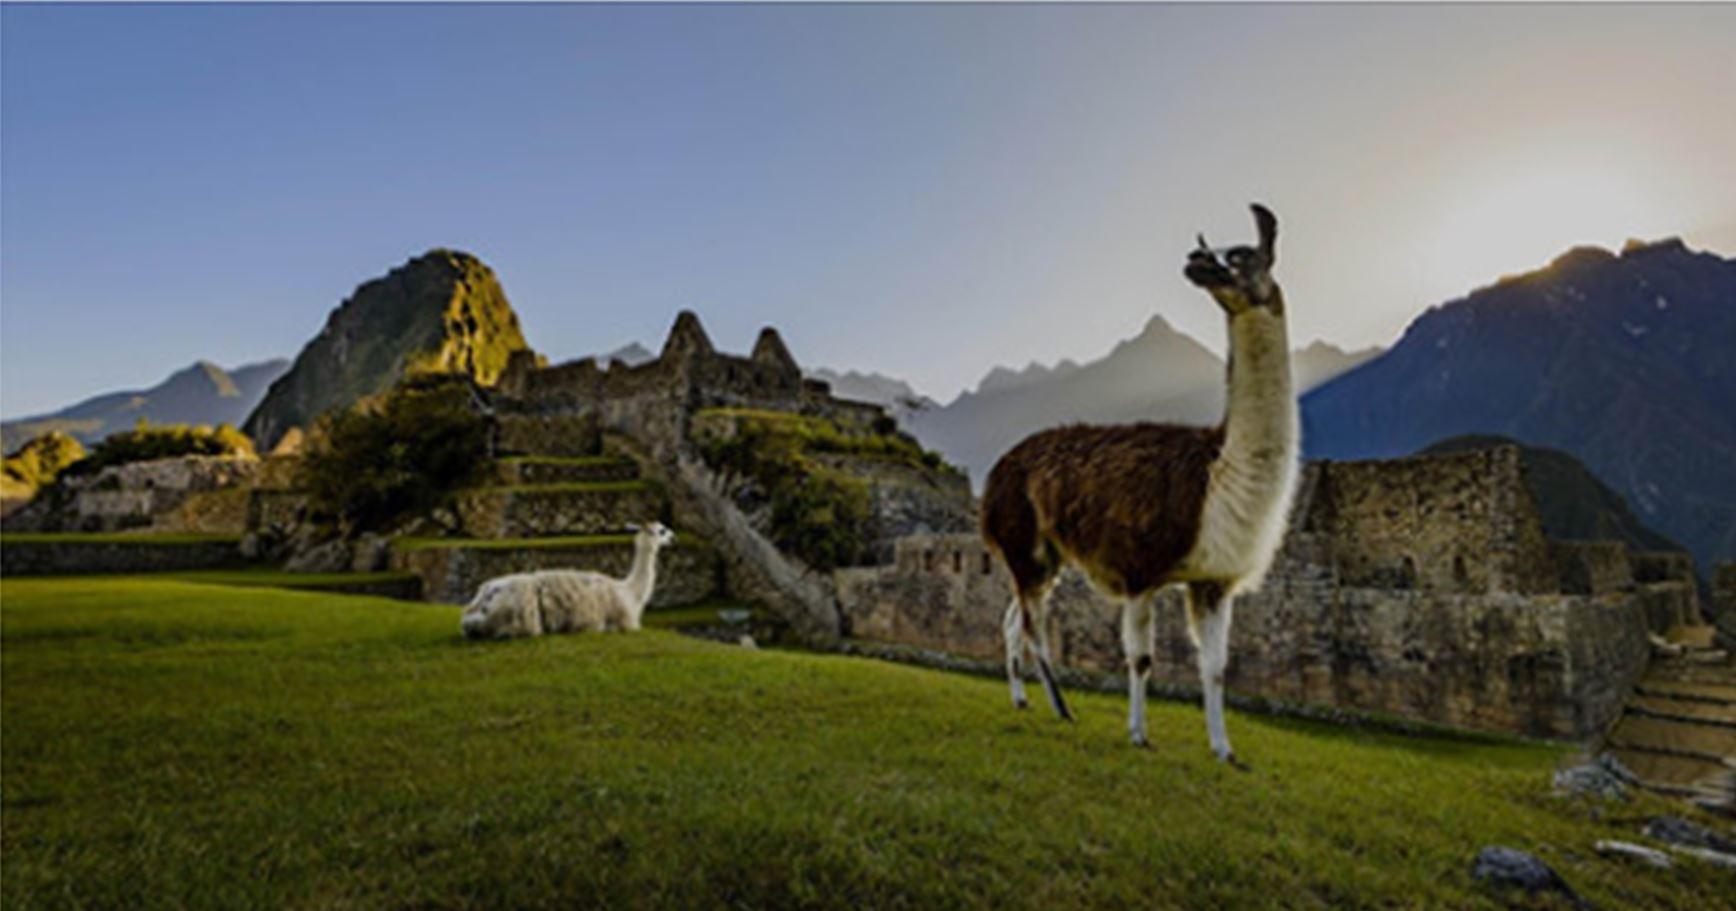 Meet the Resort Alpacas